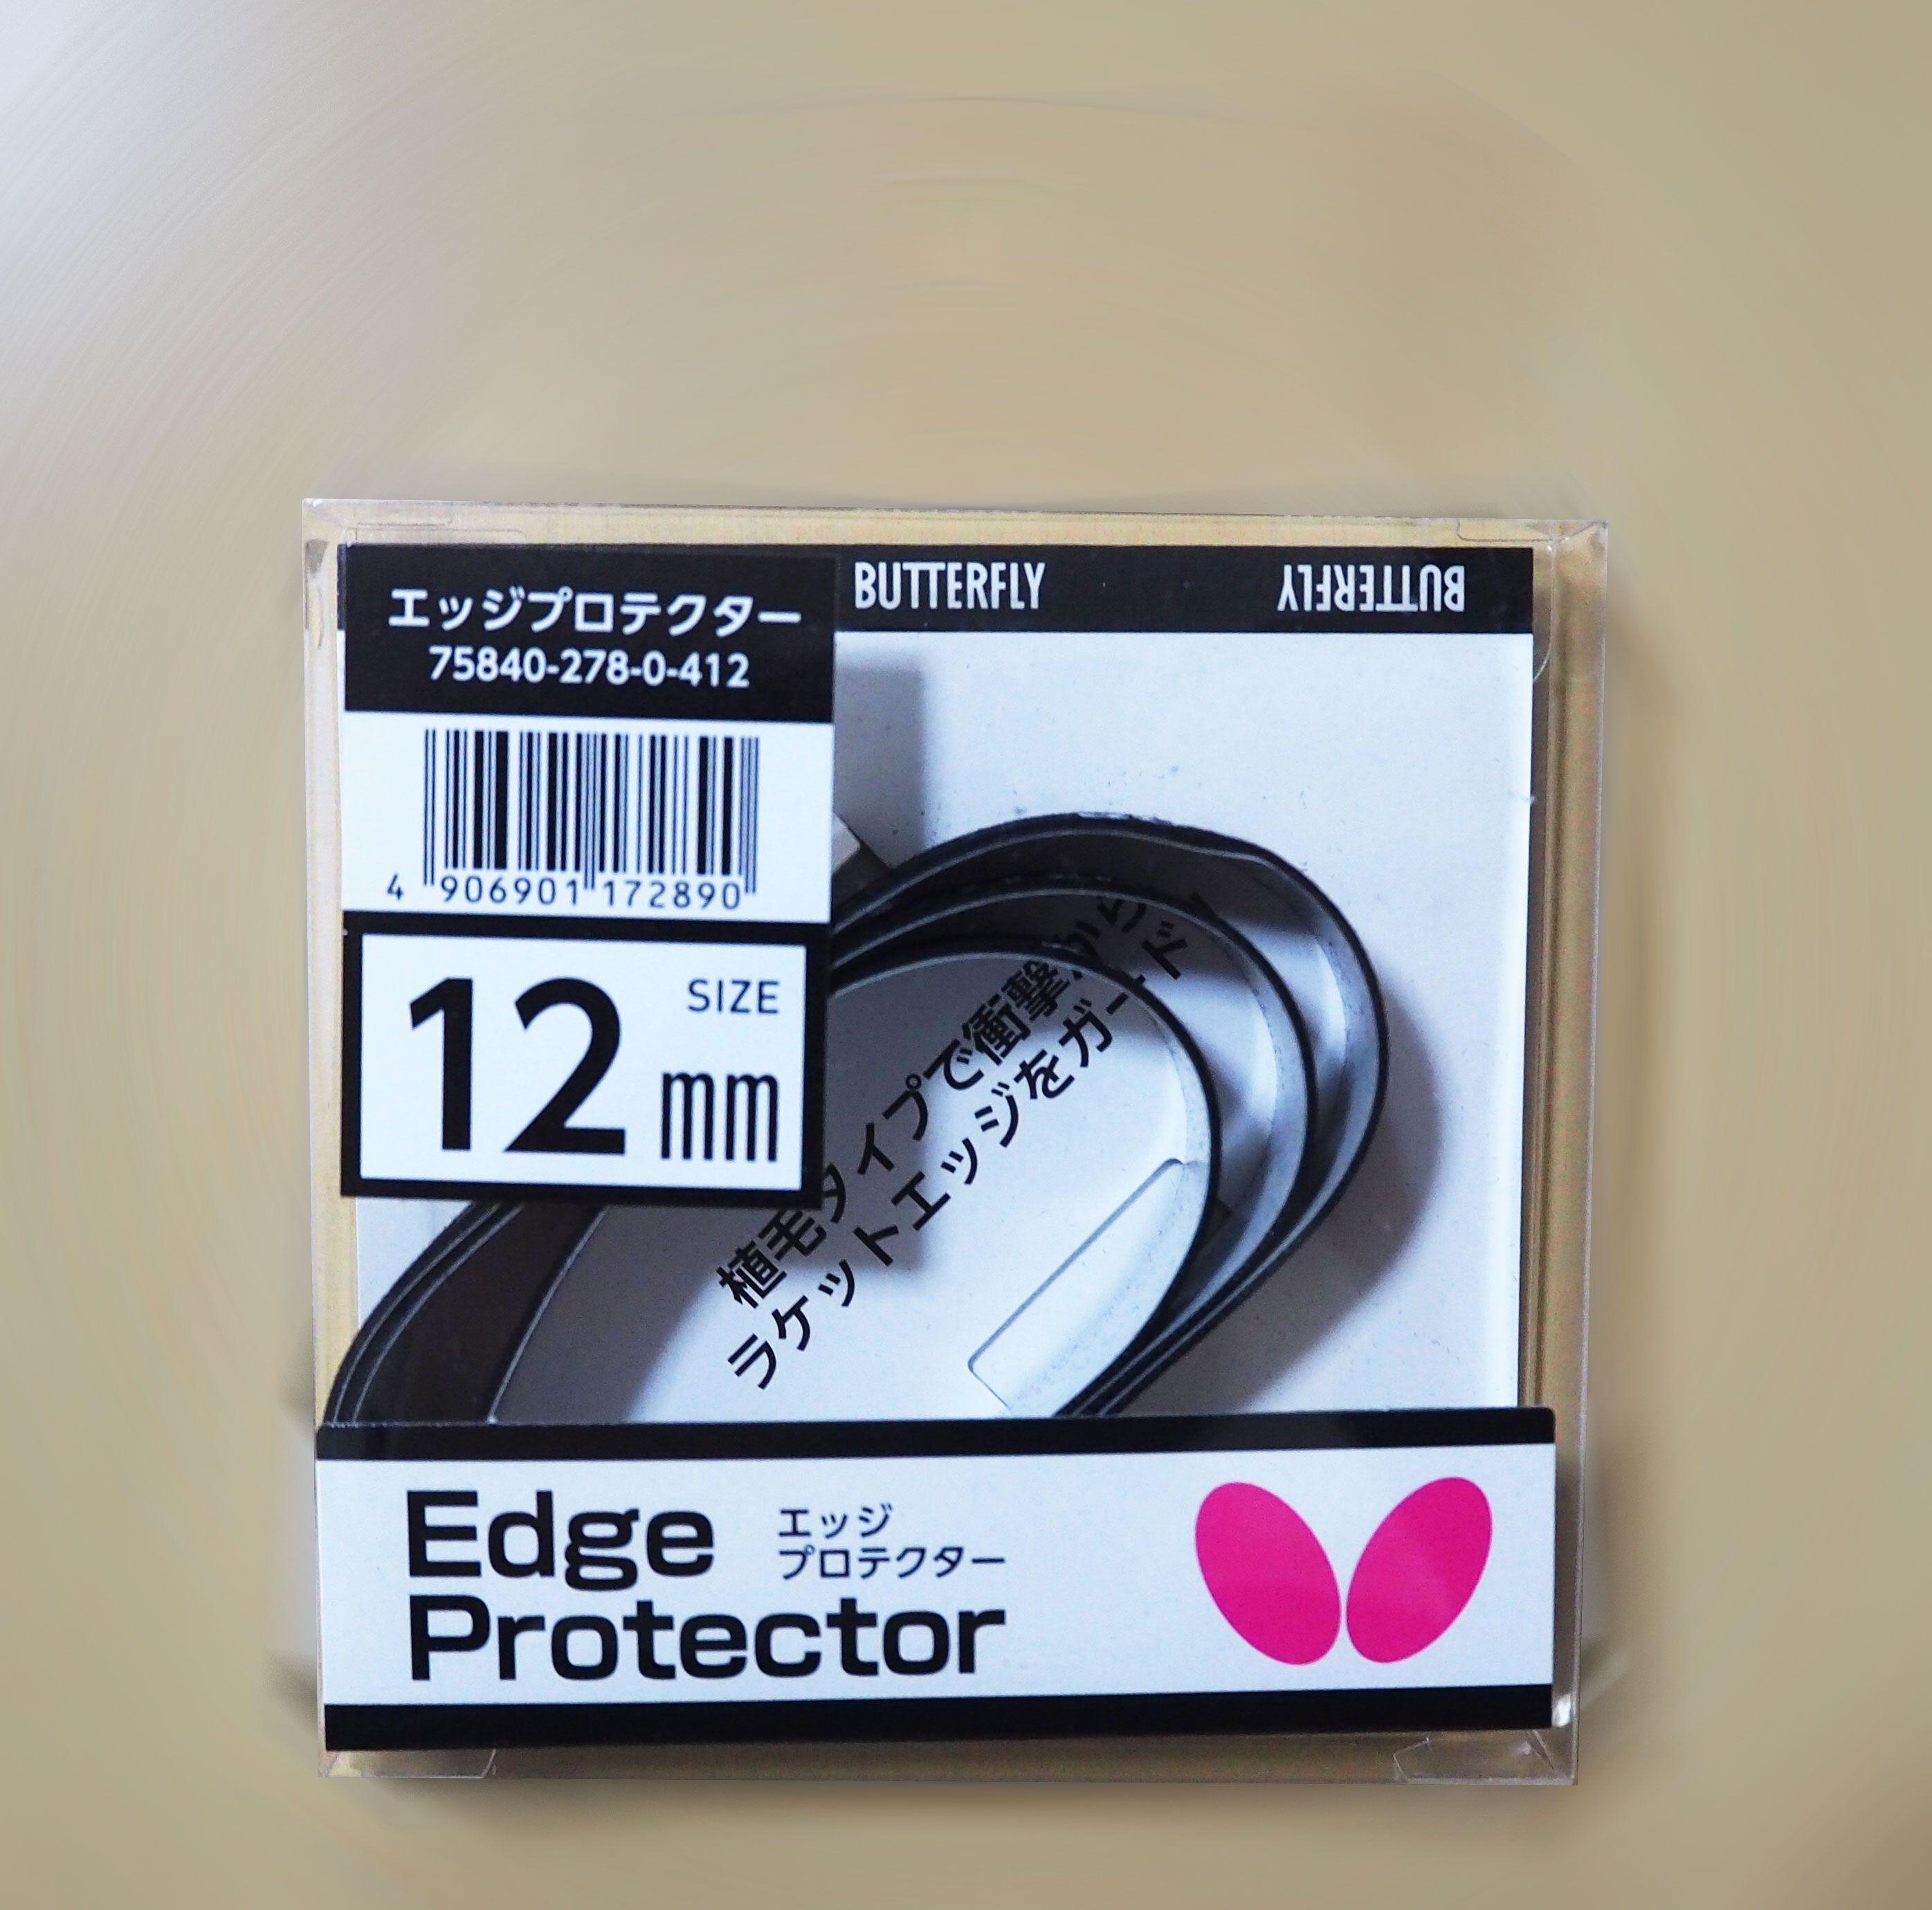 卓球ラケットサイドテープ(バタフライ)単品01